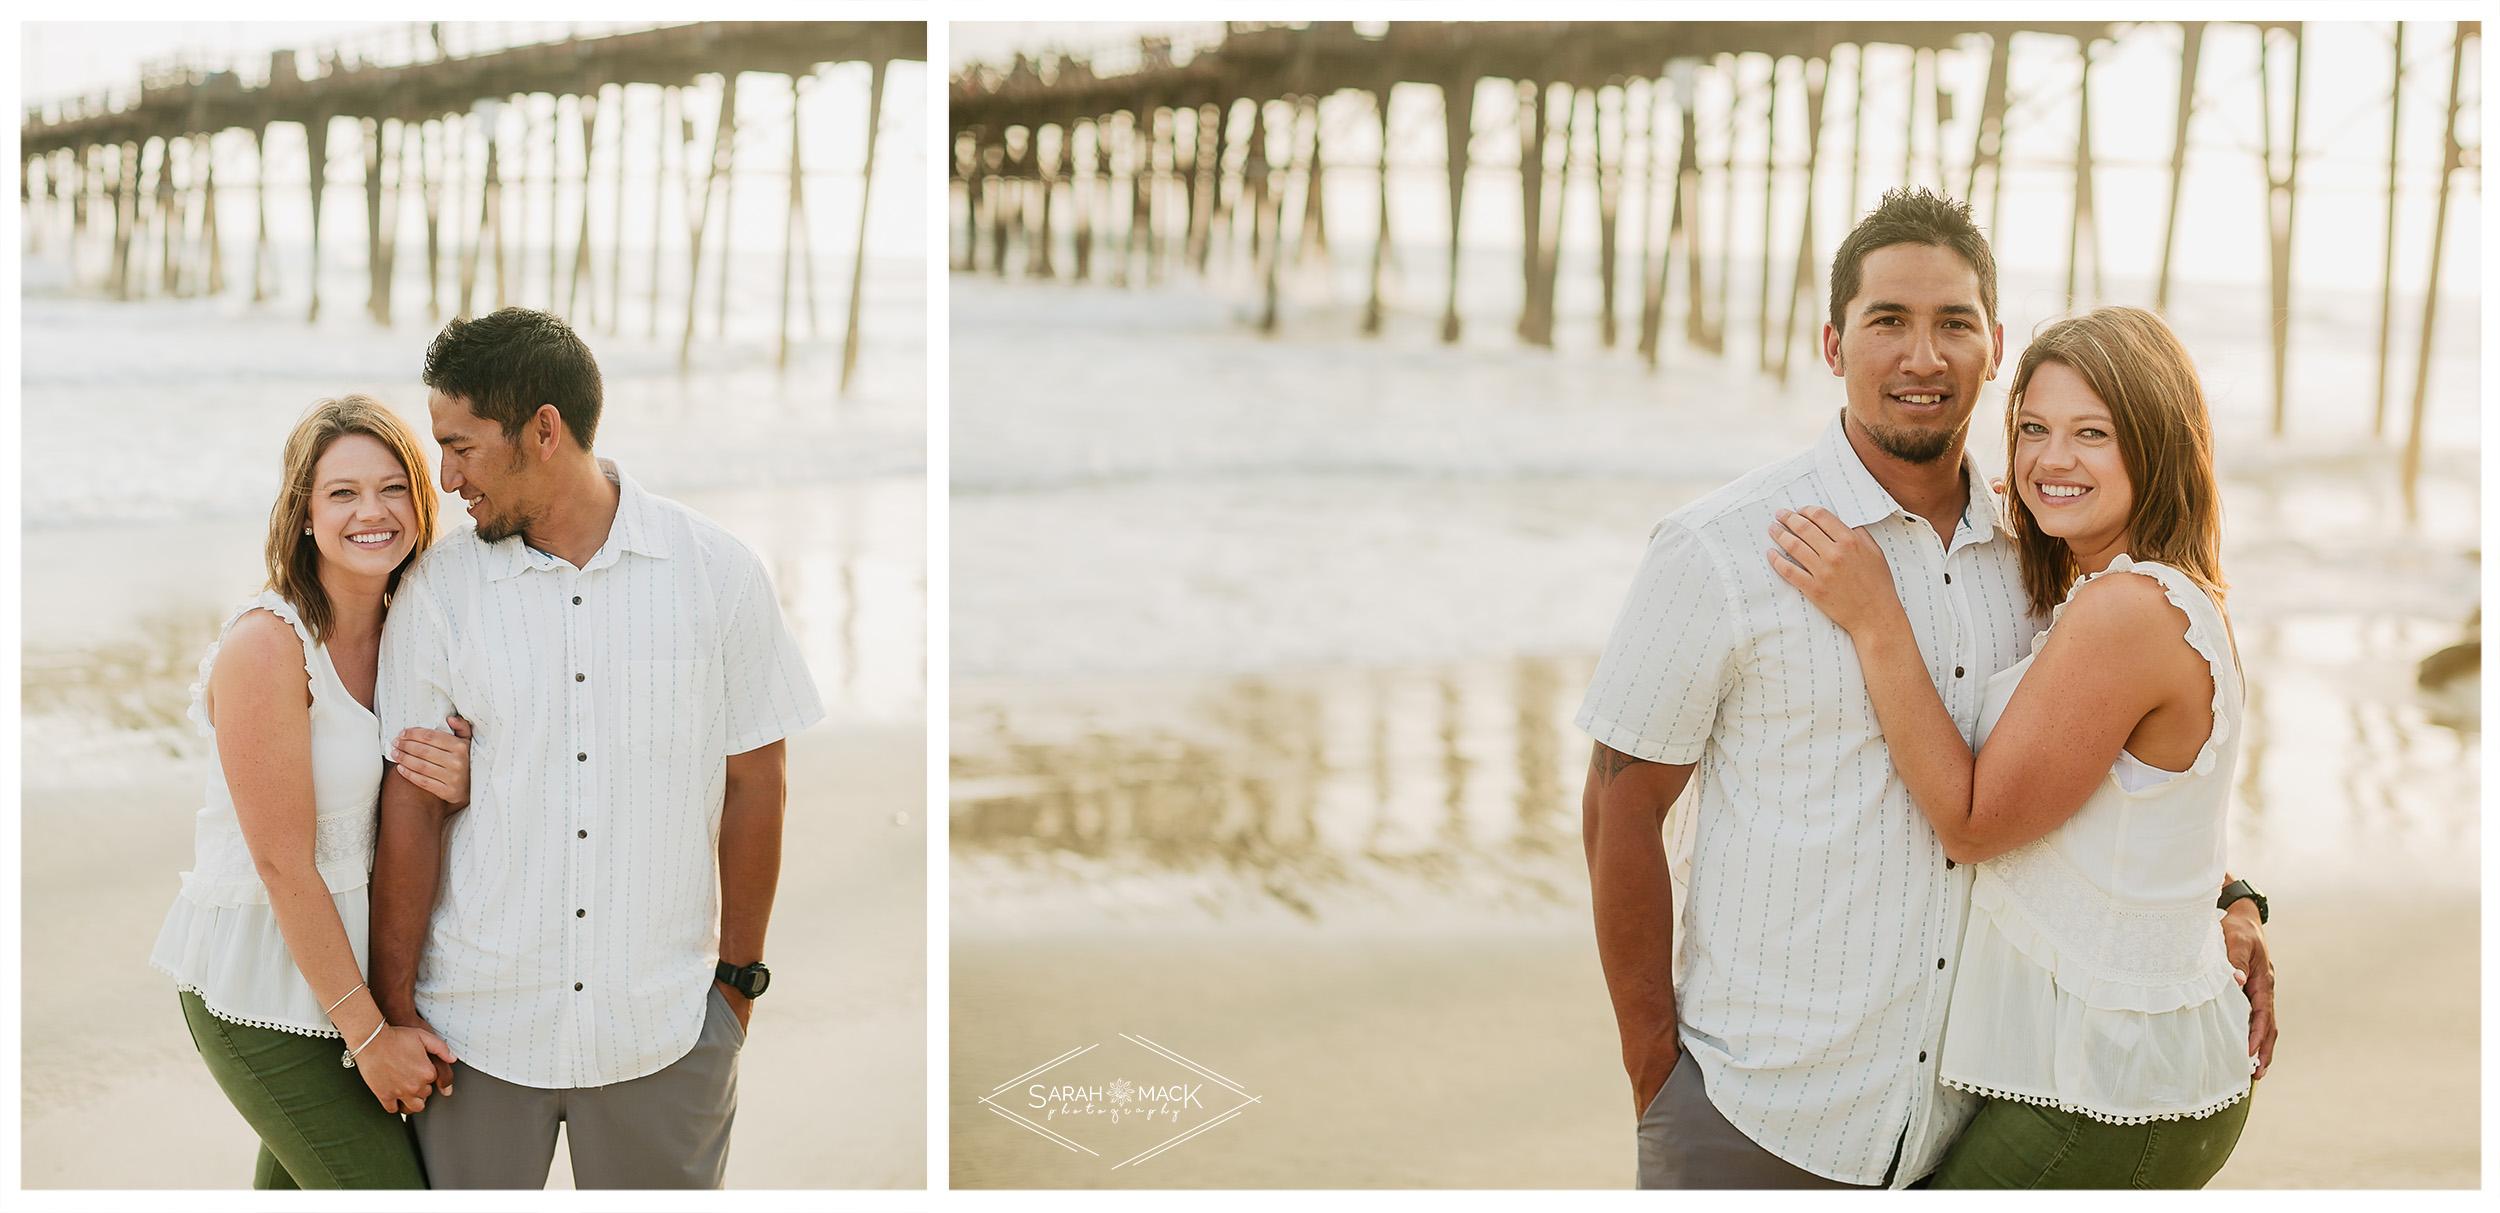 BP-Orange-County-Family-Photography-Oceanside-Pier-12.jpg